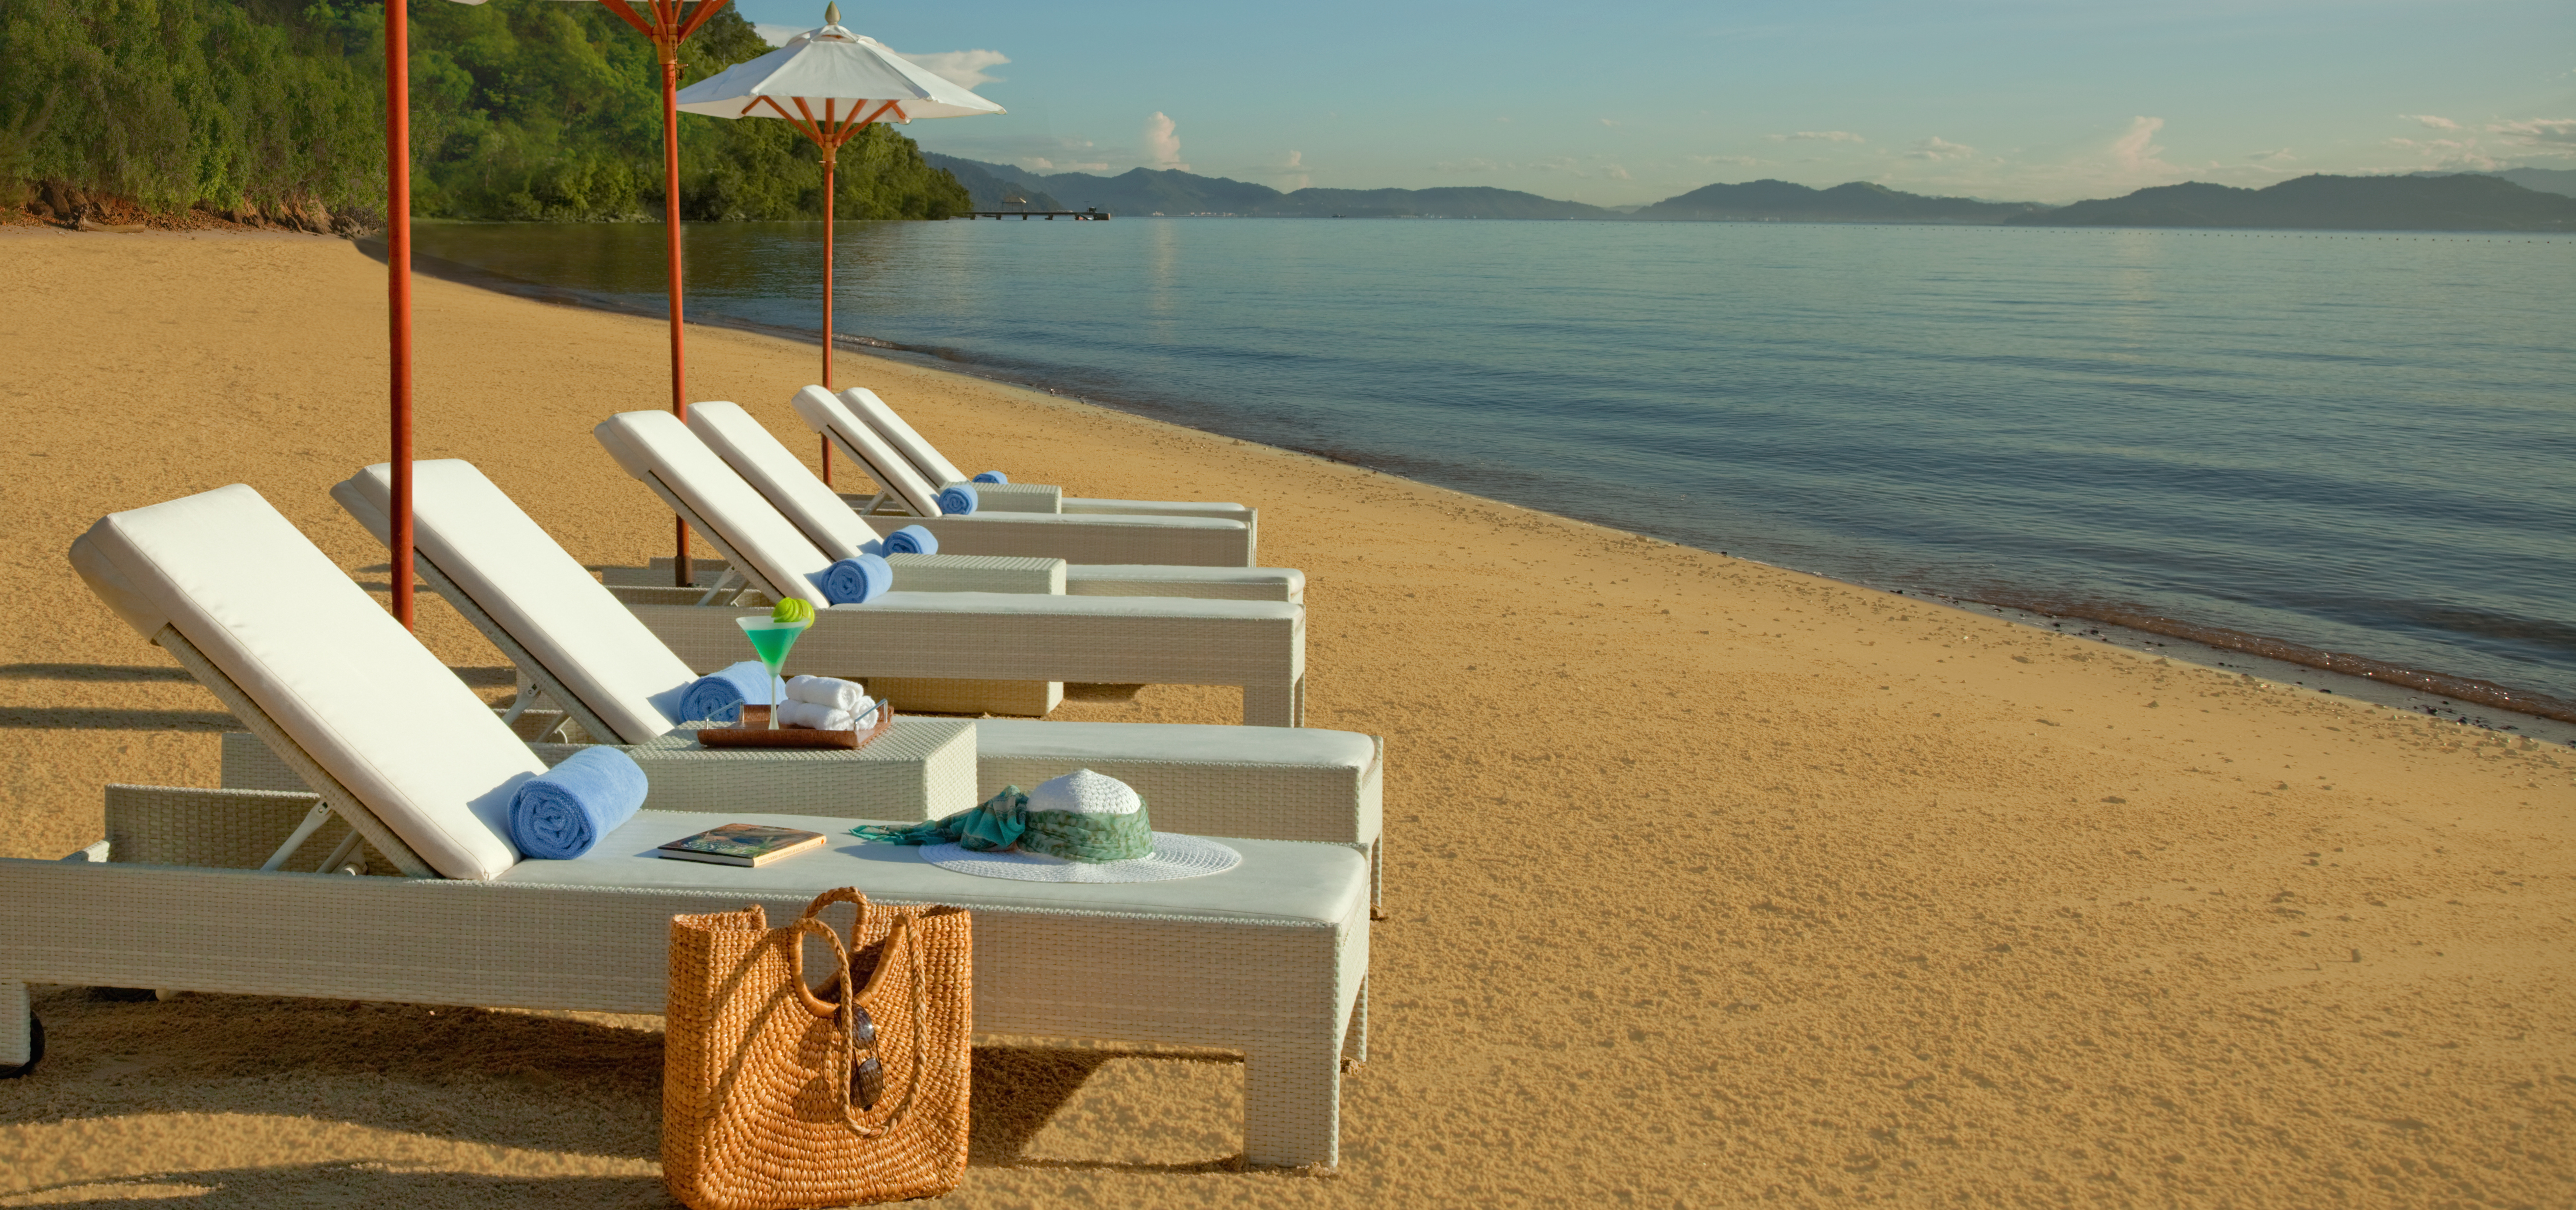 gaya-island-beach-sun-loungers